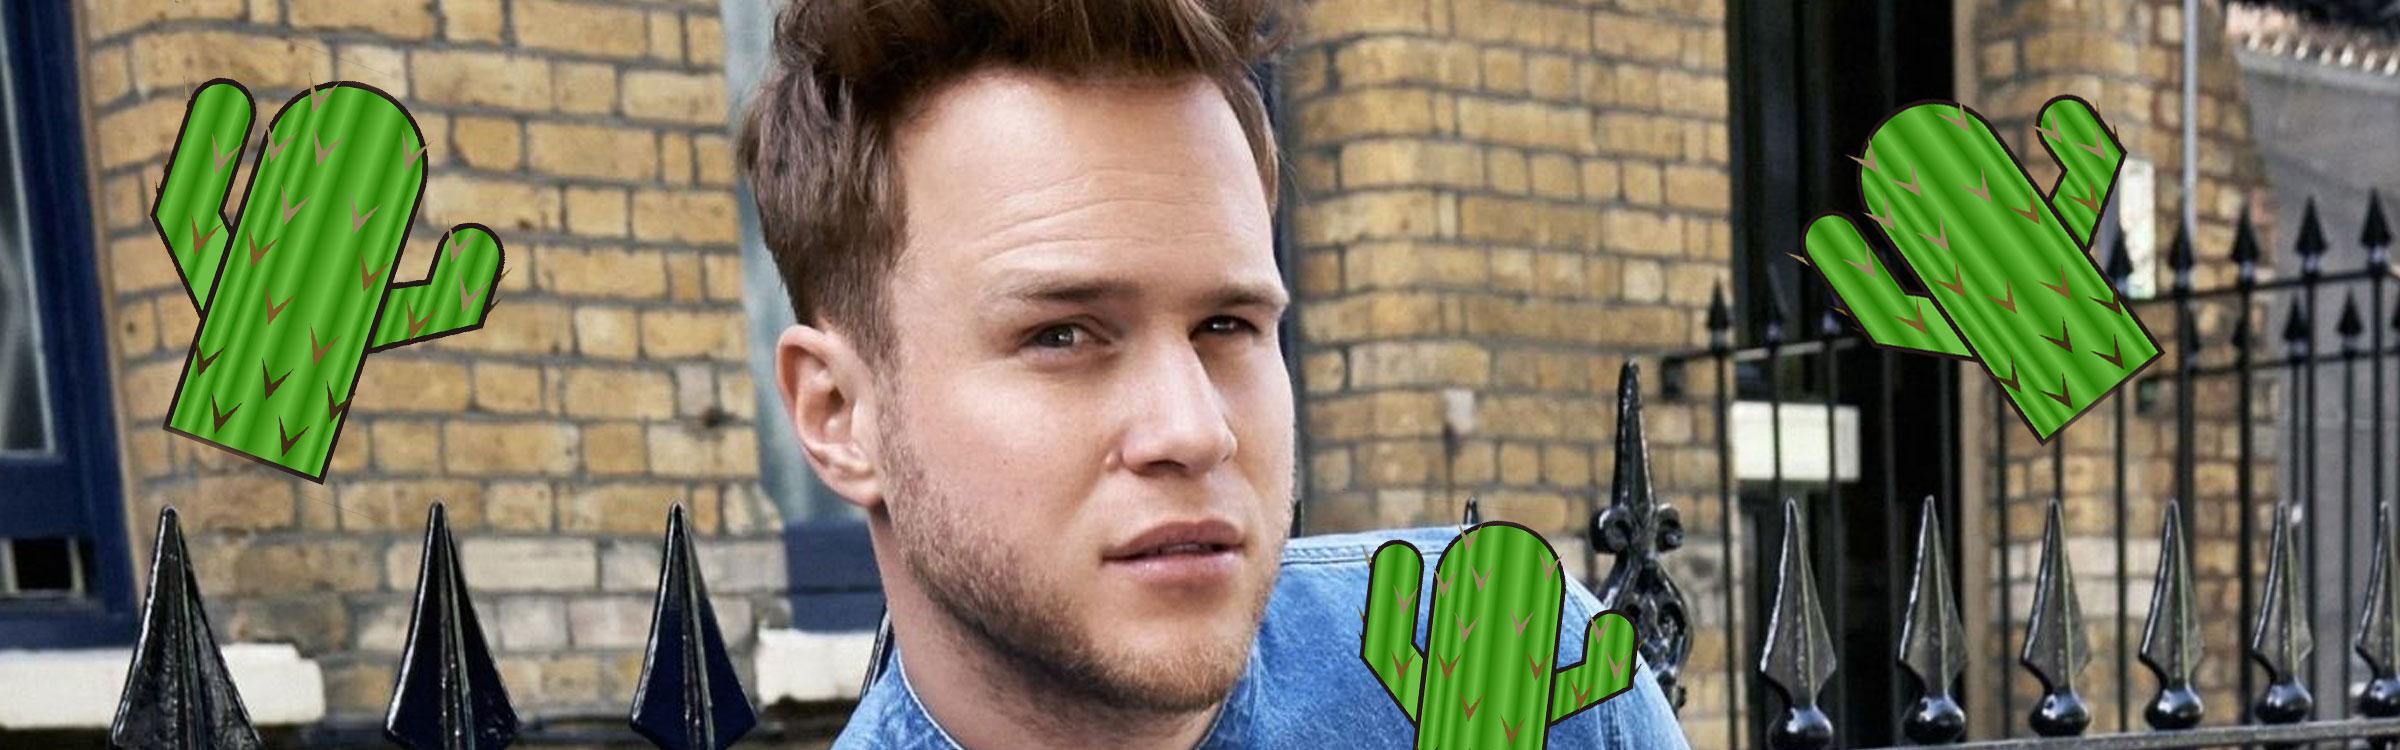 Olly cactus header